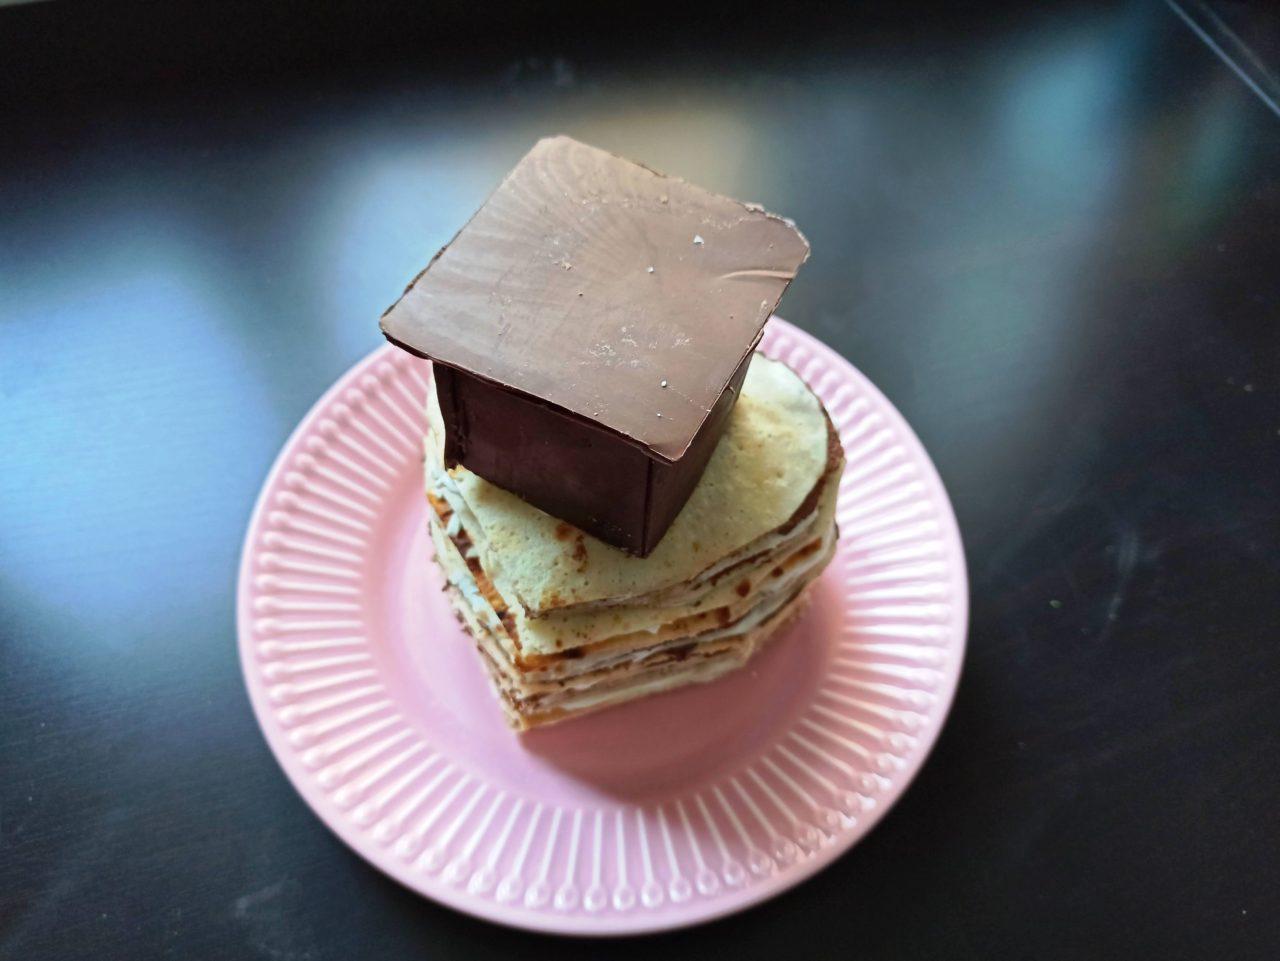 Palačinkový dort: náplň má z tvarohu a čokolády.